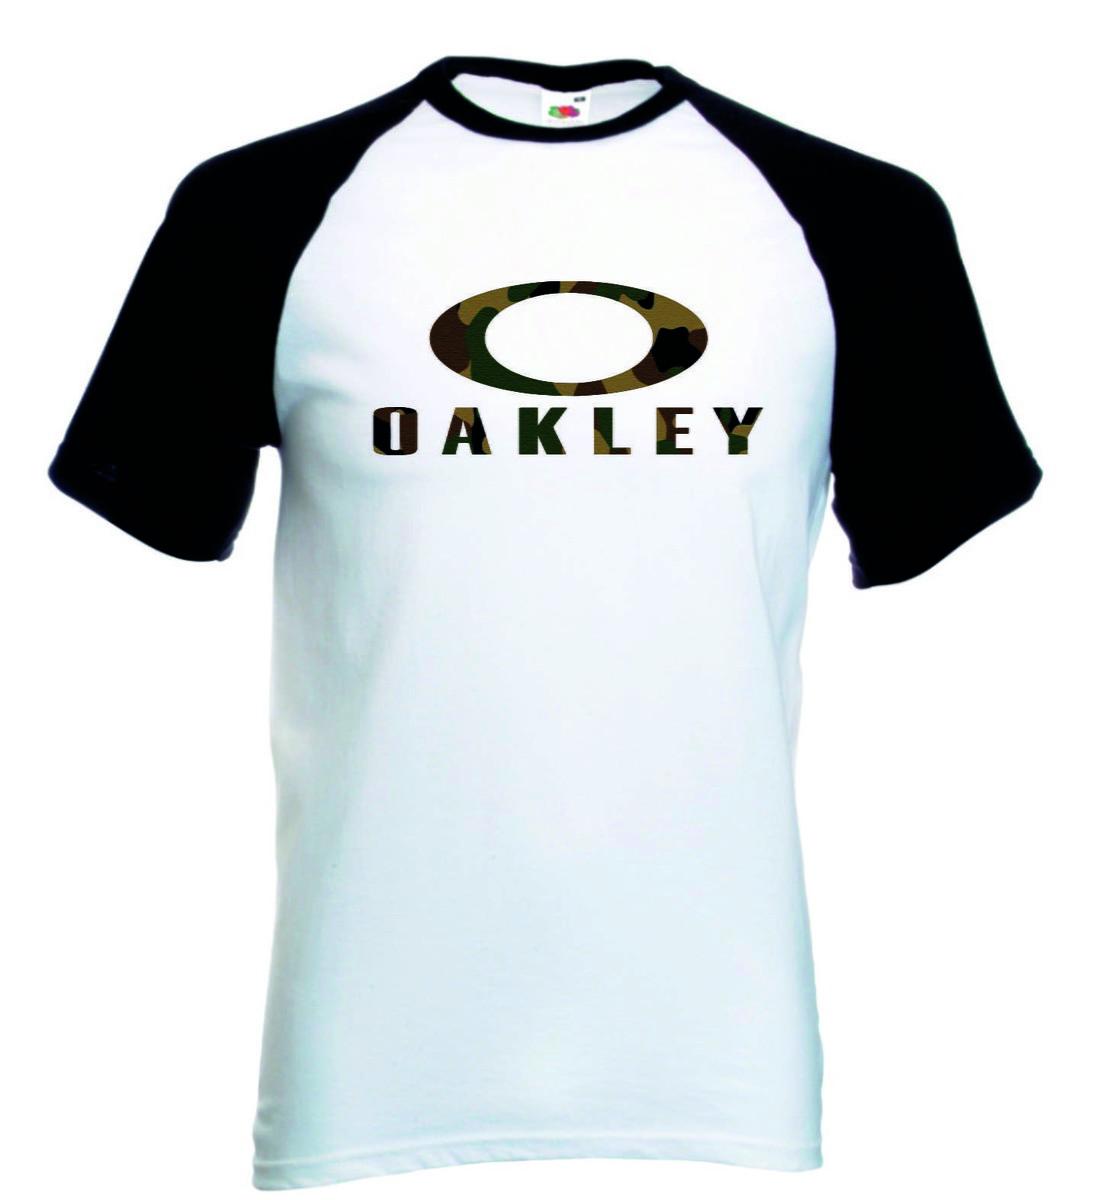 6b4dd6160dd49 Camiseta Raglan Oakley Camuflado Manga Curta - Pronta Entreg no Elo7 ...